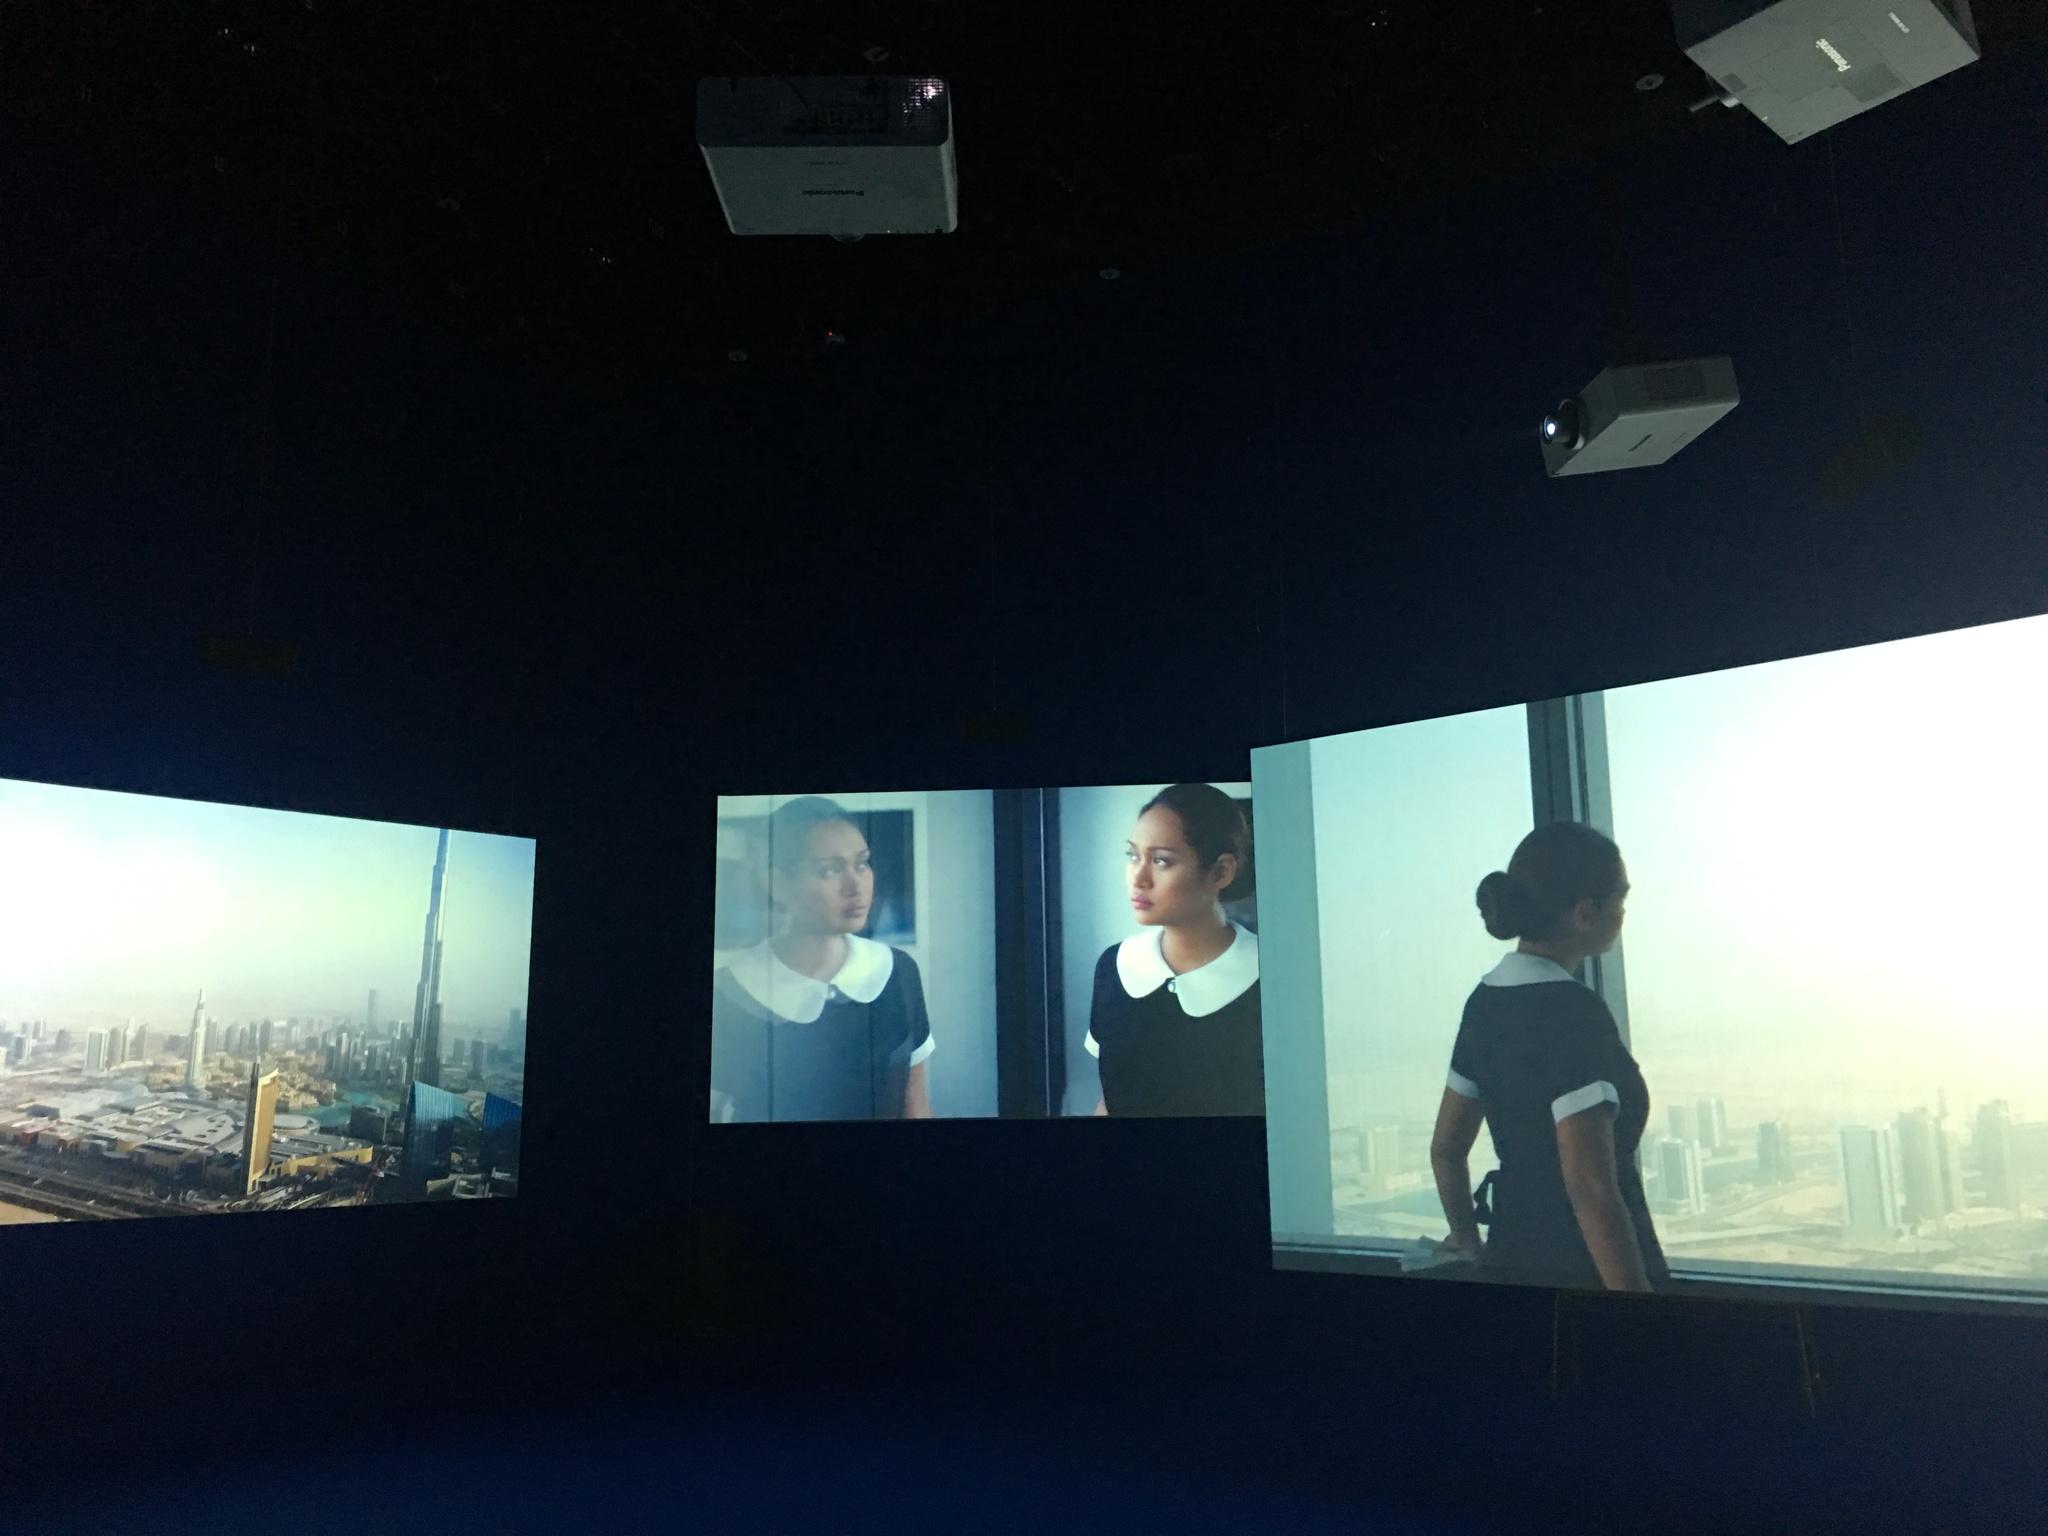 영국 출신 미술가 아이작 줄리언의 '플레이타임' 이 설치된 전시장 풍경. 서울 논현동 플랫폼-엘 컨템포러리 아트센터에서 그의 개인전이 열리고 있다. [사진 이후남 기자]